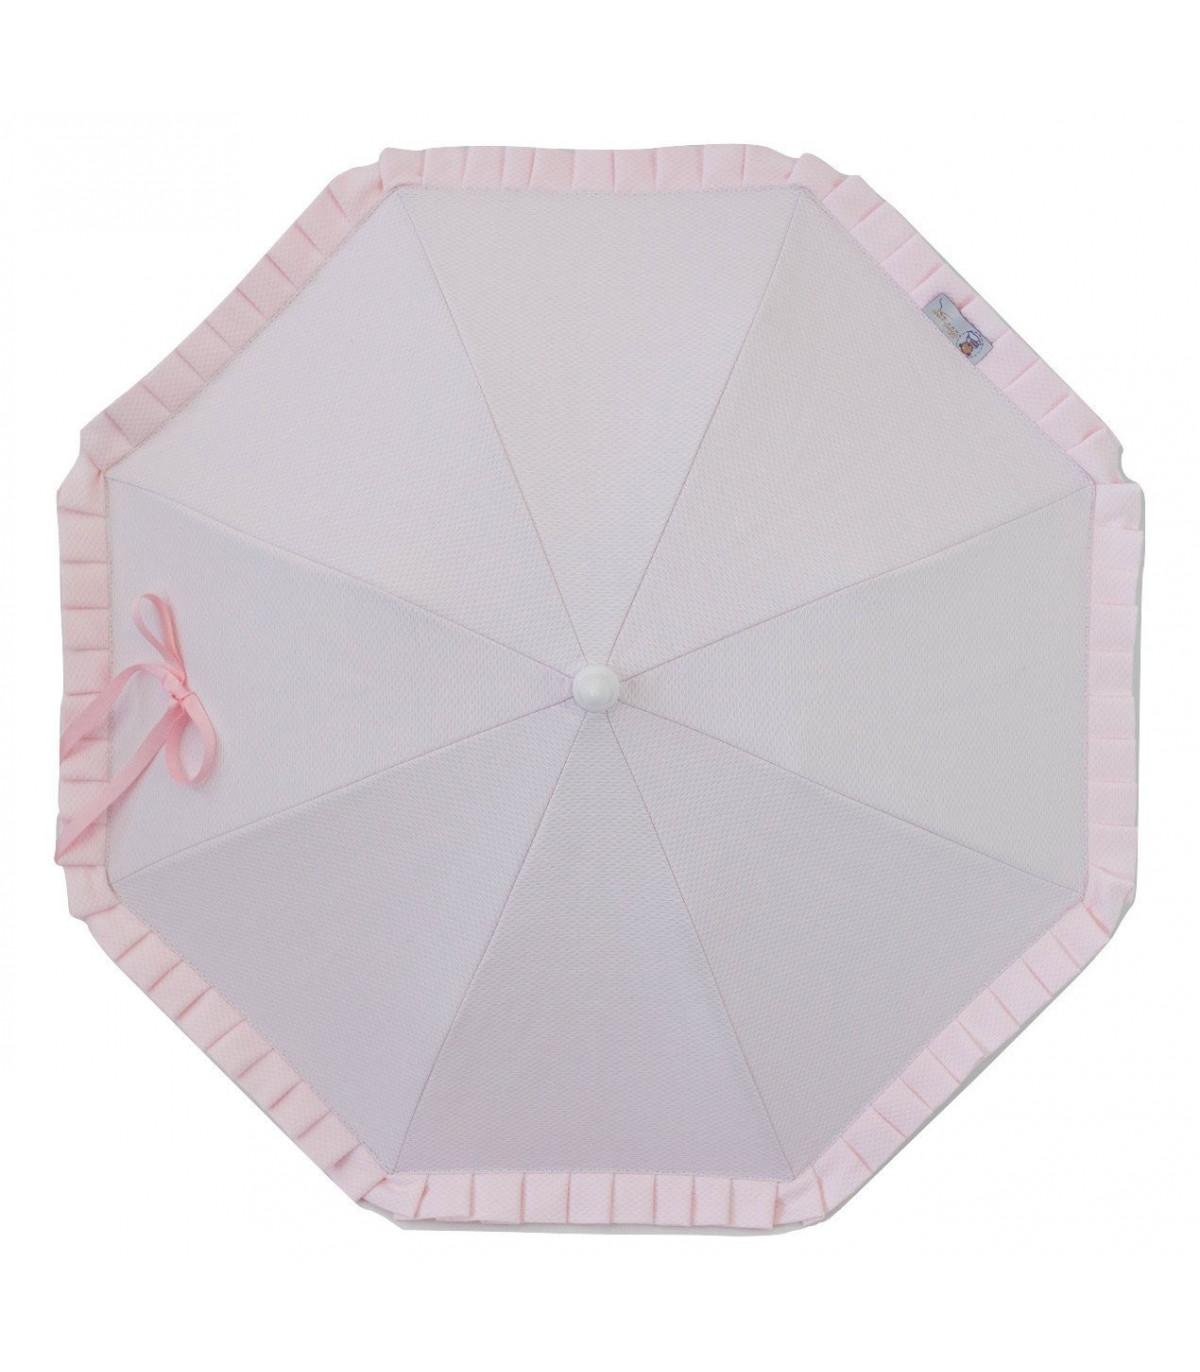 Sombrilla para silla de paseo flexo universal Parasol Rosa pique